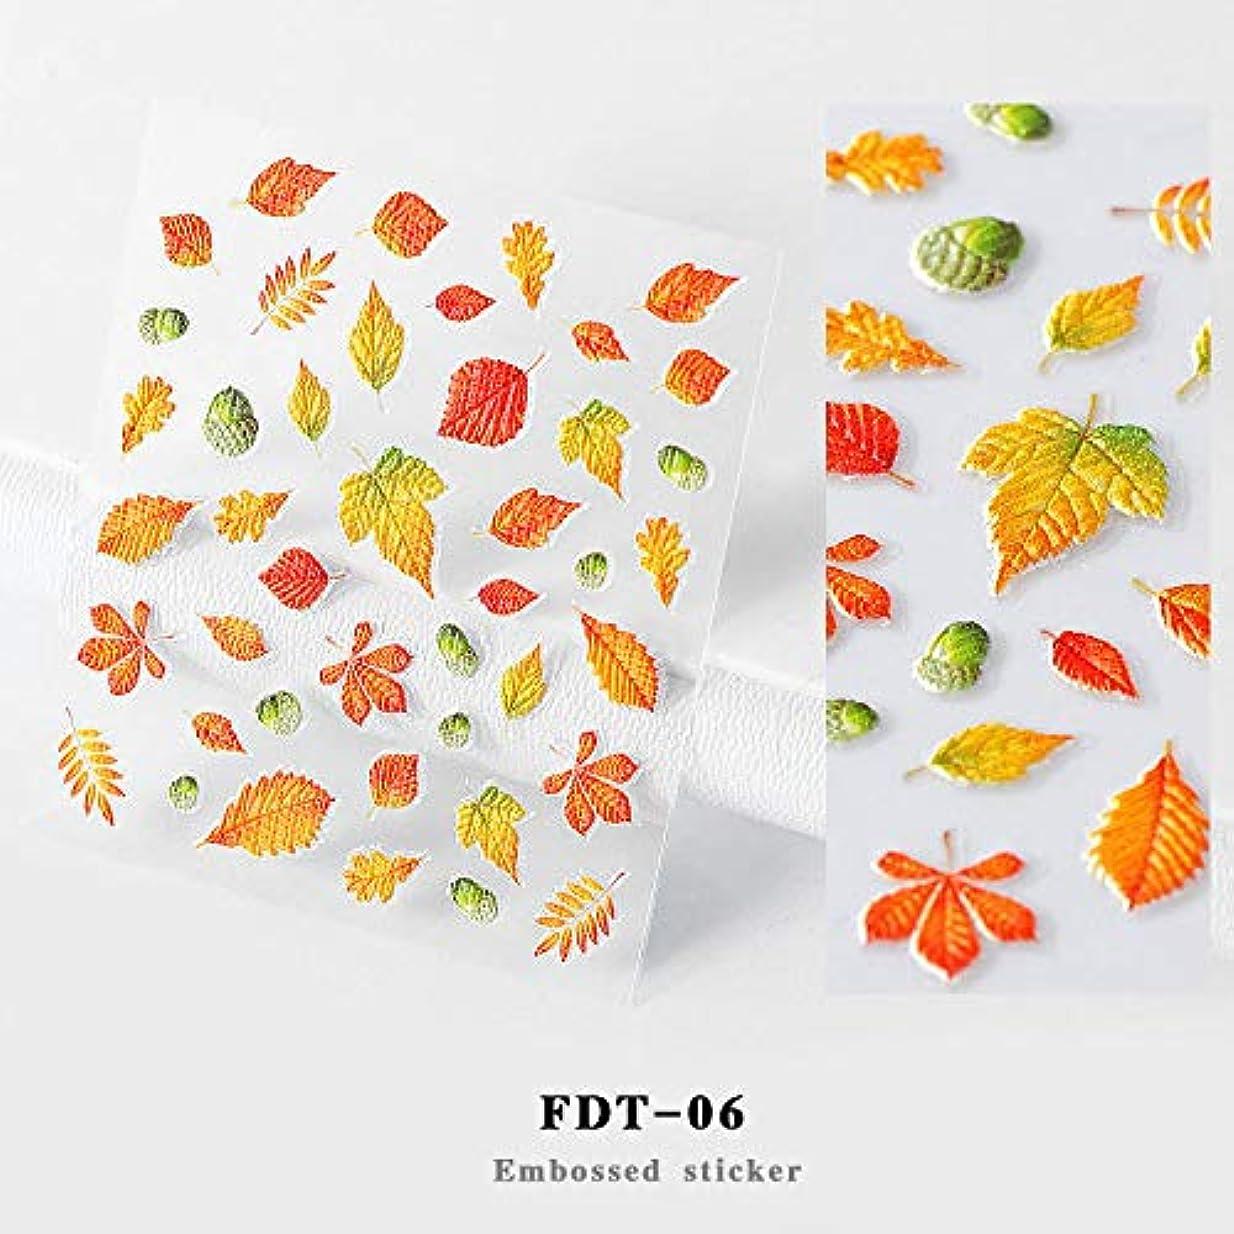 起きろ入植者定義Murakush ネイルステッカー 5D アクリル 刻まれる 花の接着剤 DIYネイル エンボス花 デカール ネイル用装飾 可愛い ネイル飾り 通勤 通学 FDT-06